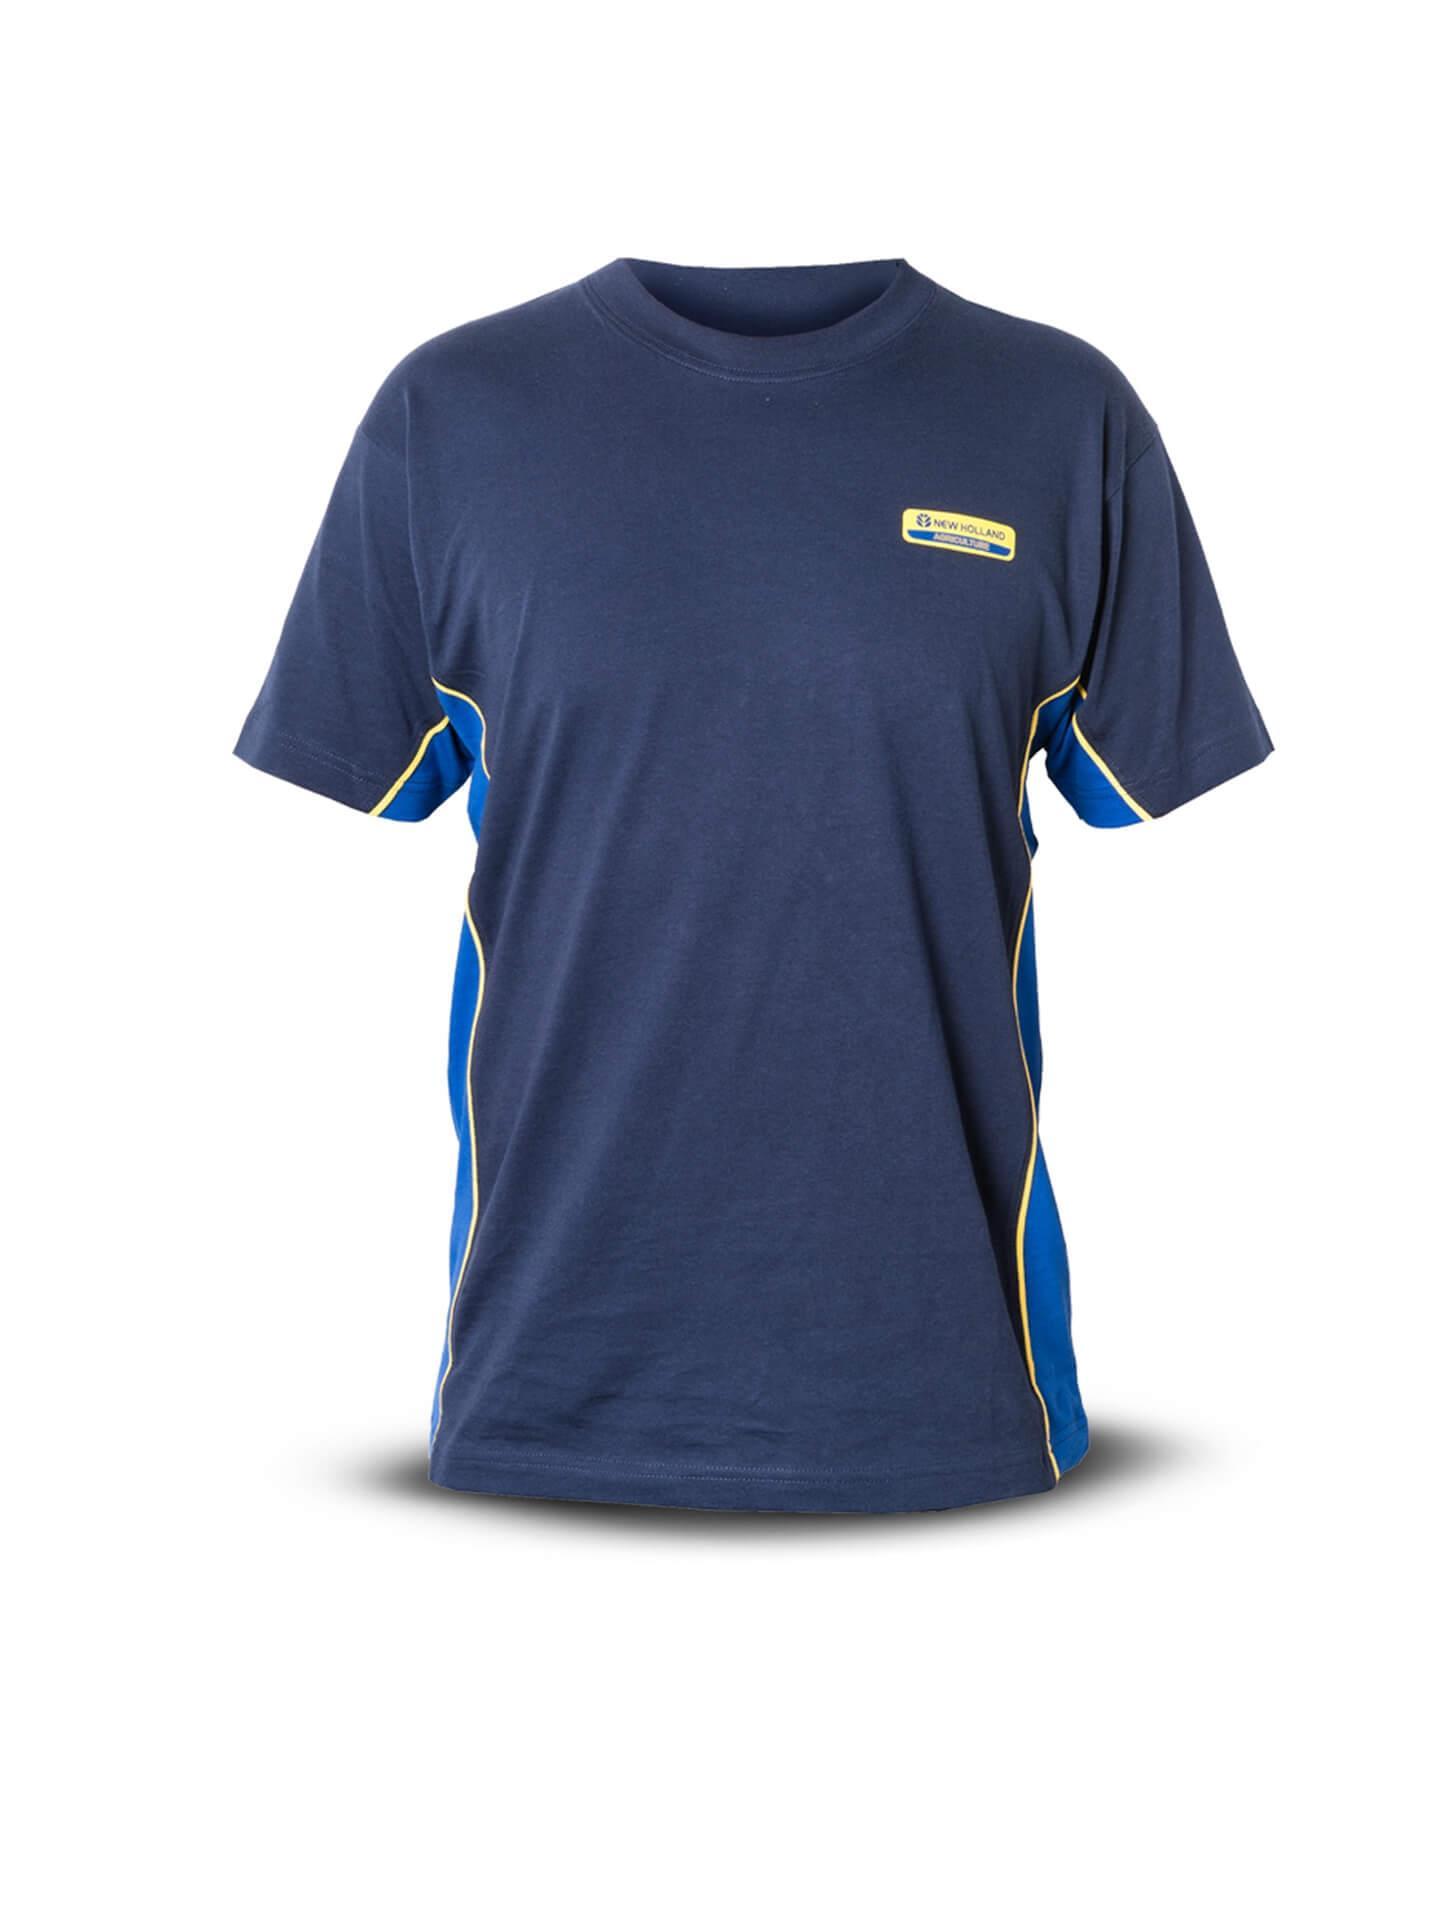 0002681 t shirt